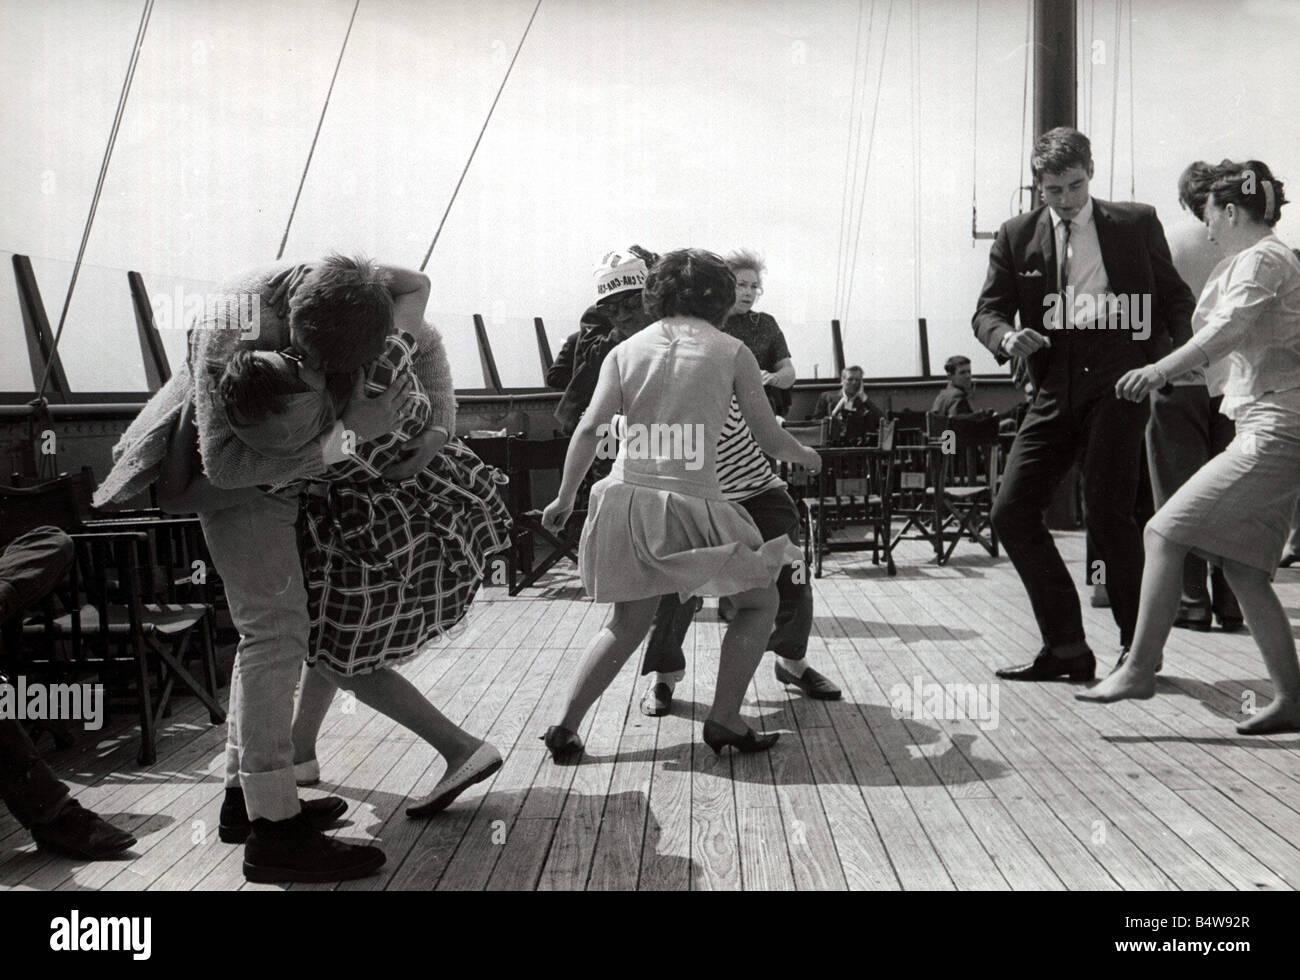 Parti en bateau des couples danse et jive en vrai 60 s style Couple faisant le twist s'amusant humour ecard02 Banque D'Images